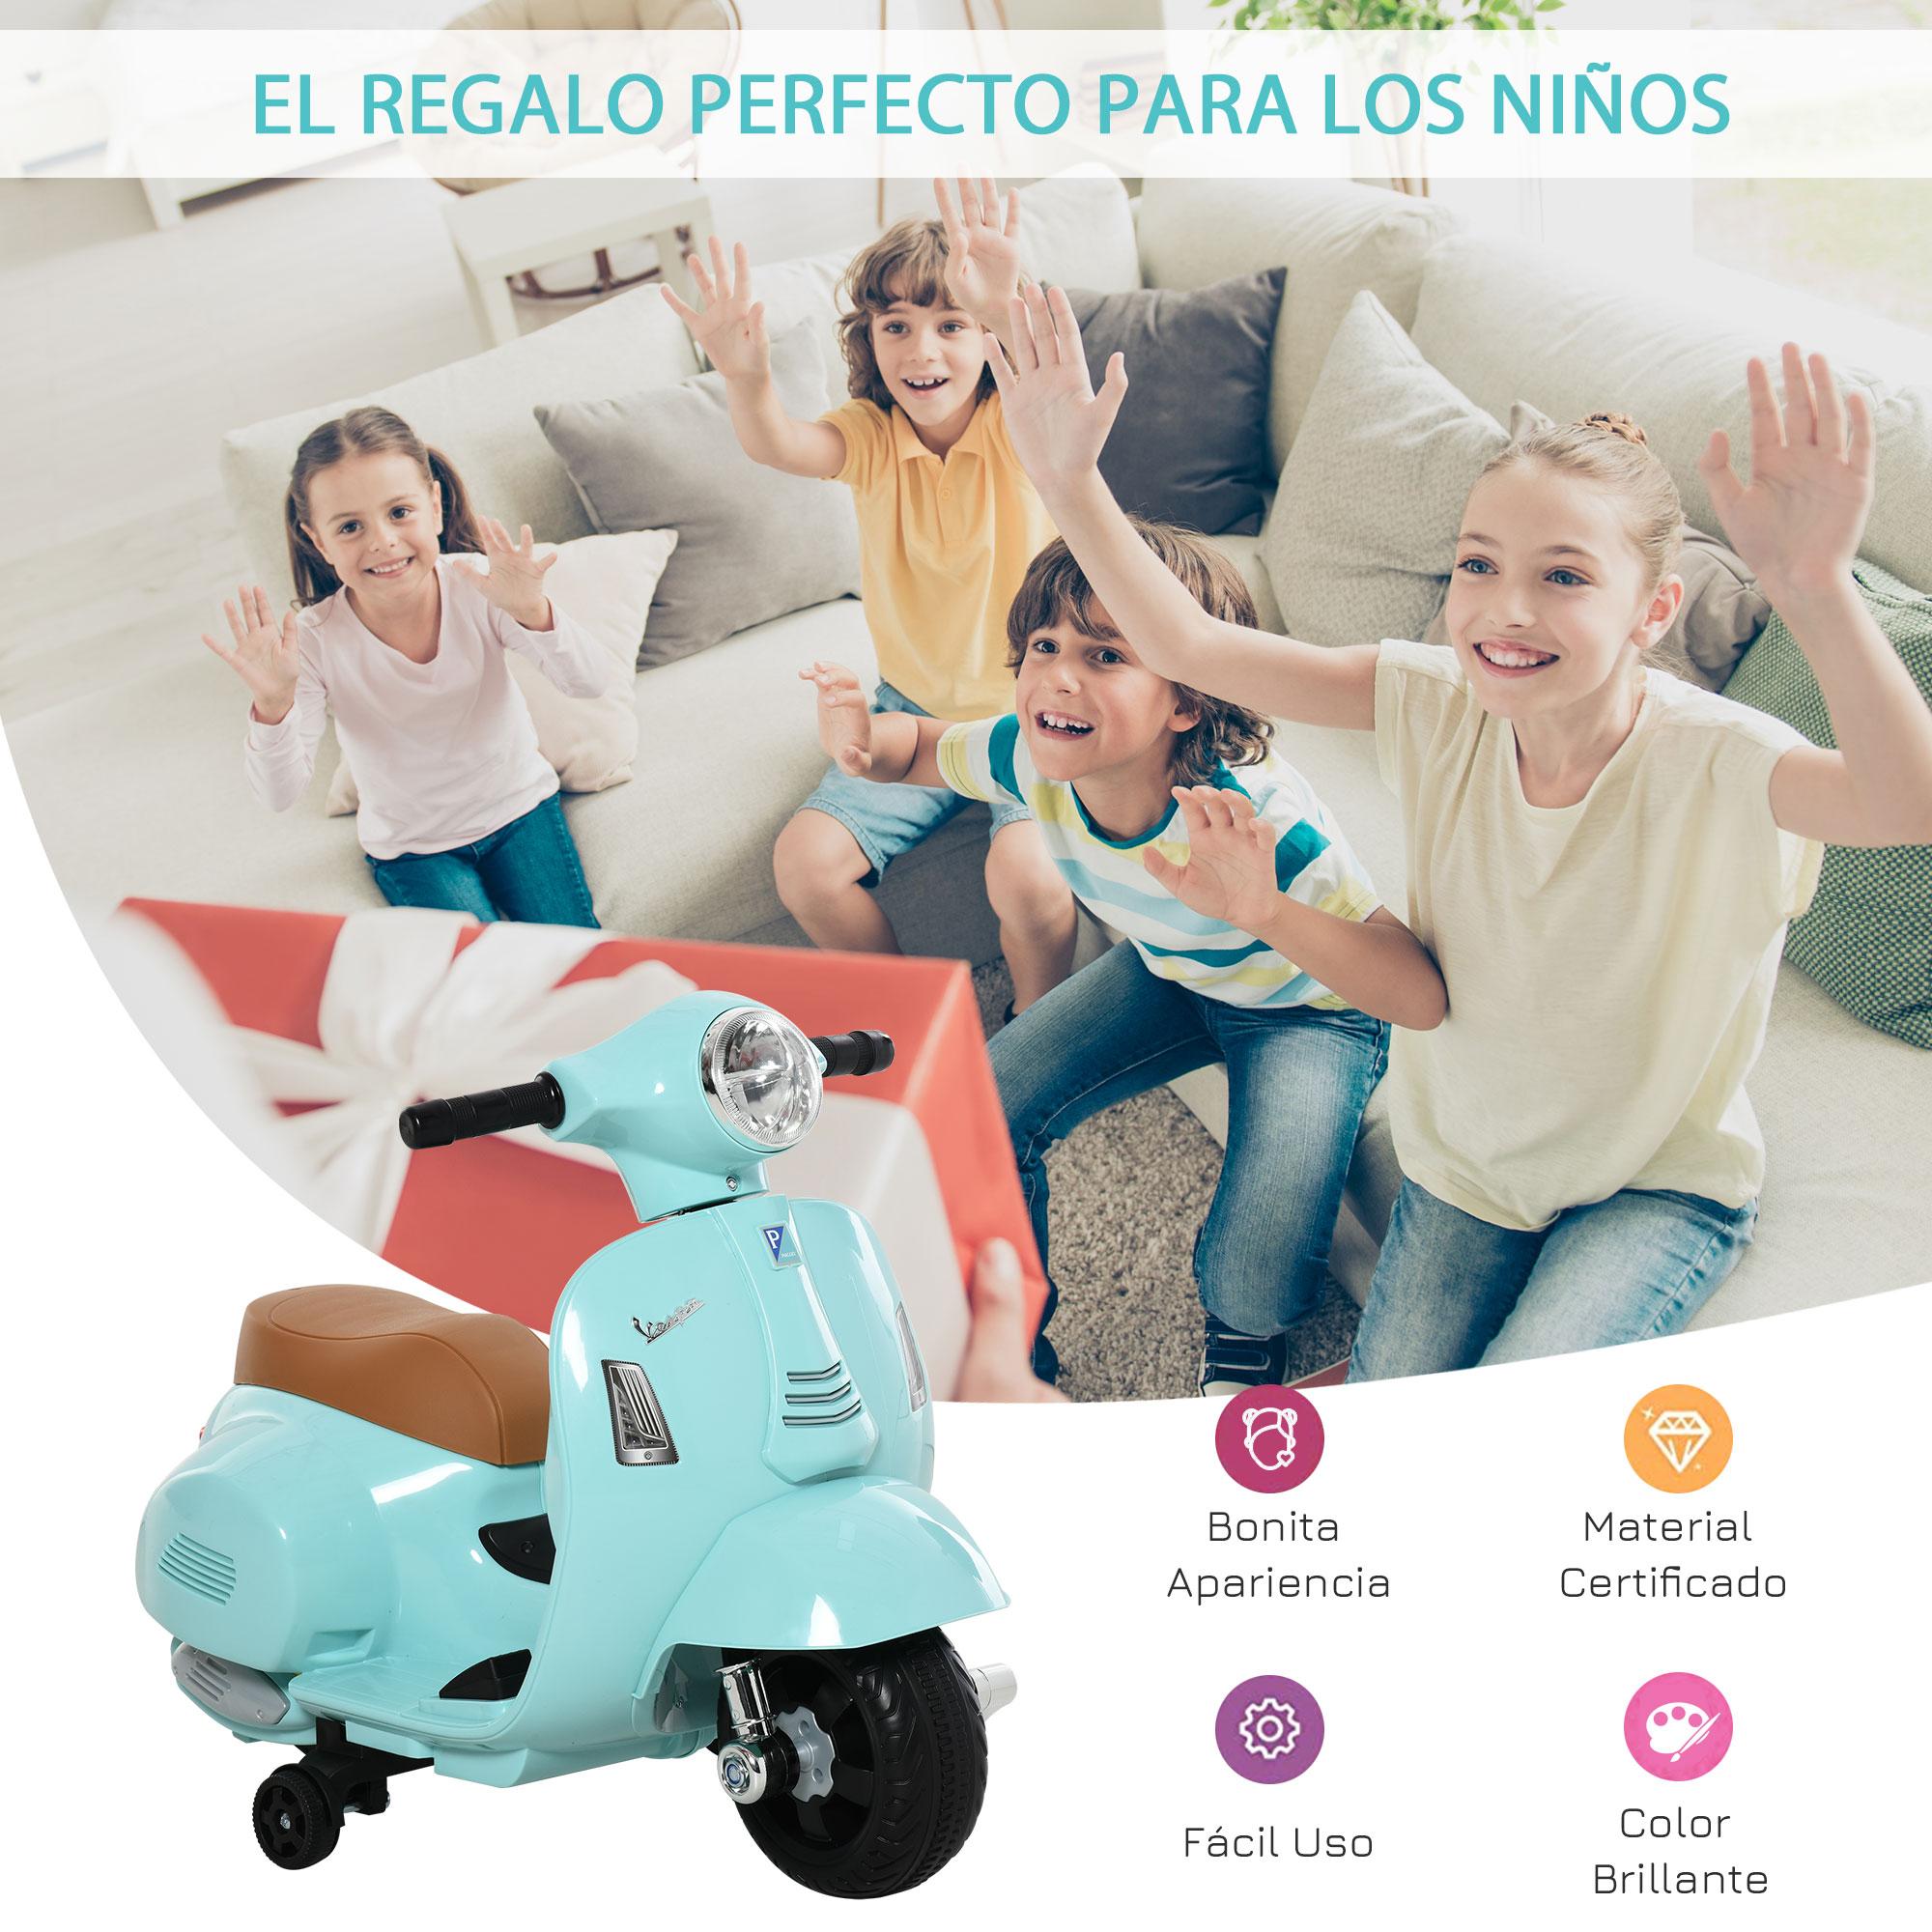 miniatura 19 - Moto Eléctrica Vespa para Niños +18 Meses con Faro Bocina y 4 Ruedas COLOR